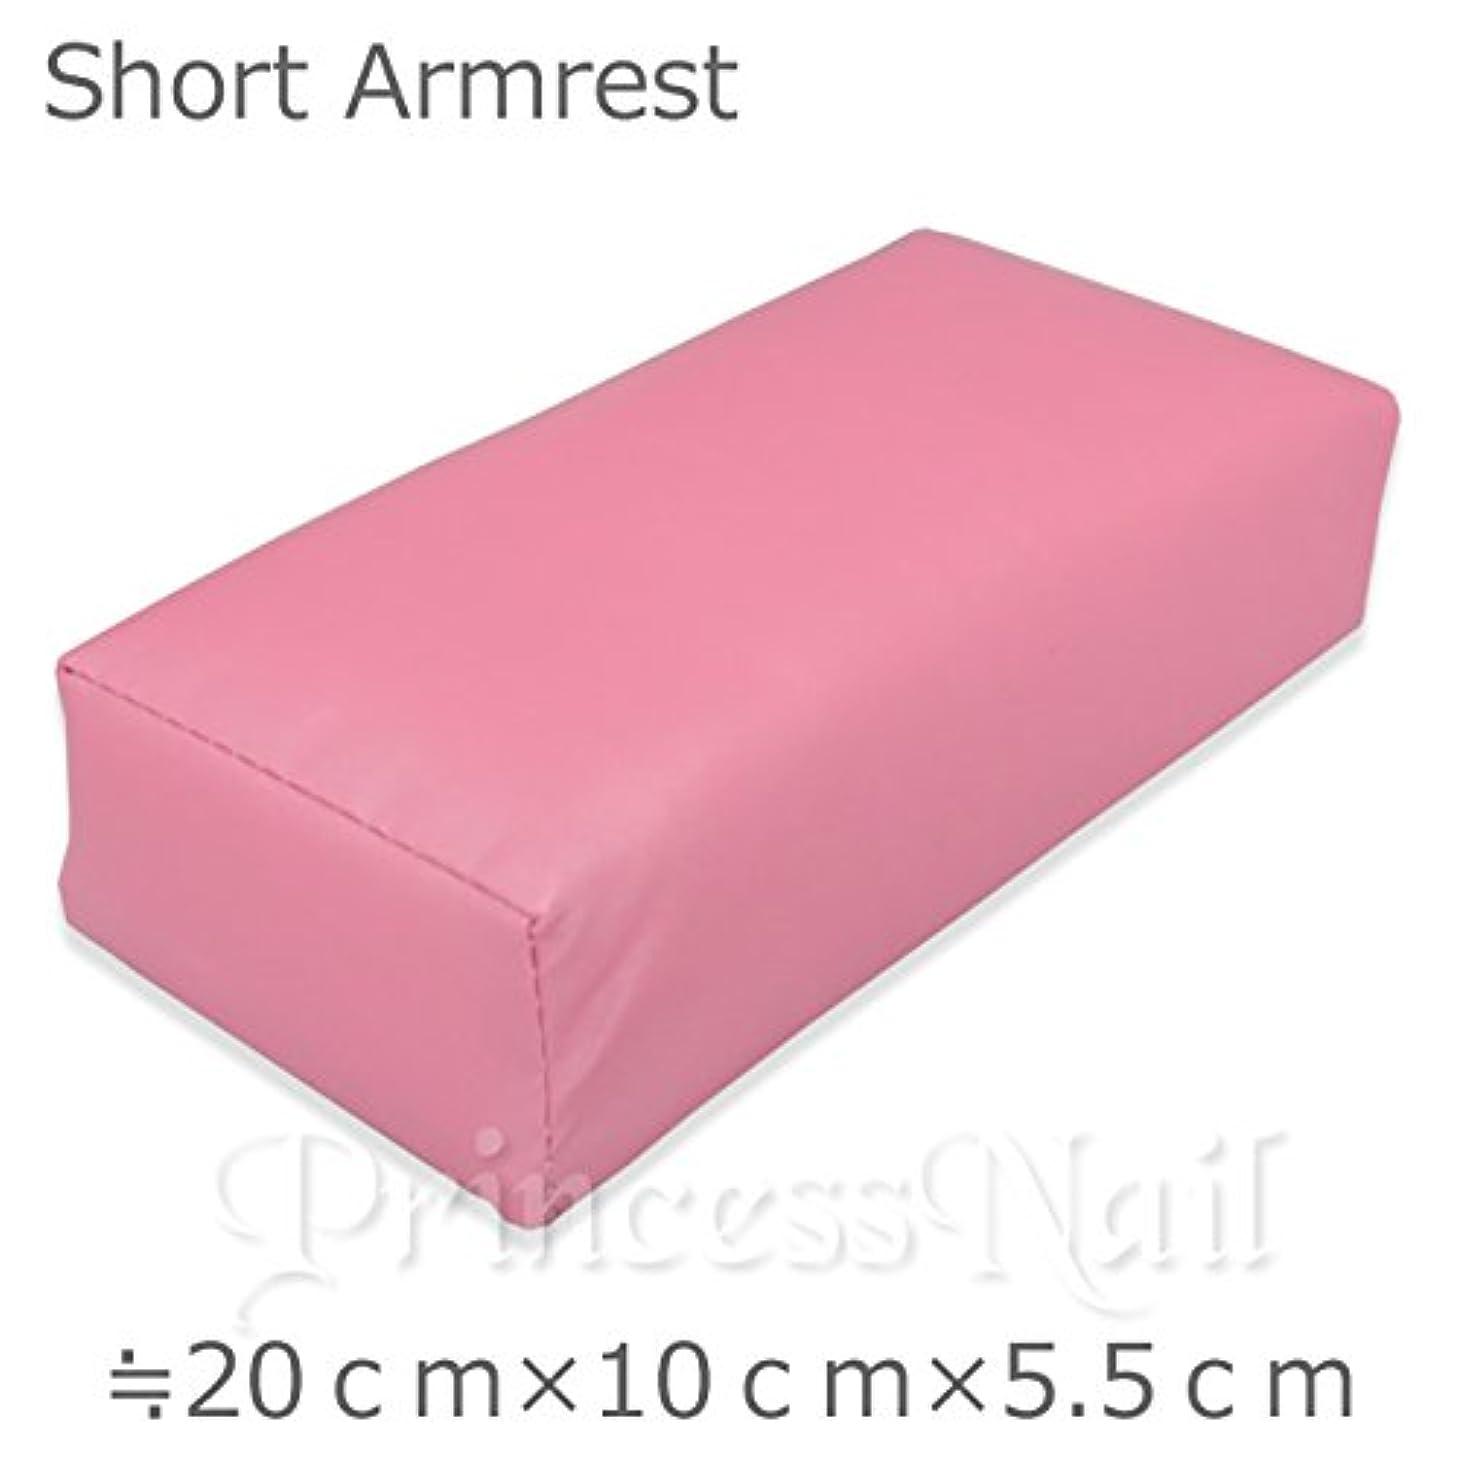 起きている白鳥アクションネイルケア用アームレスト ショートタイプ ハンドピロー 手枕 D10cm×W20cm×H5.5cm ハンド枕